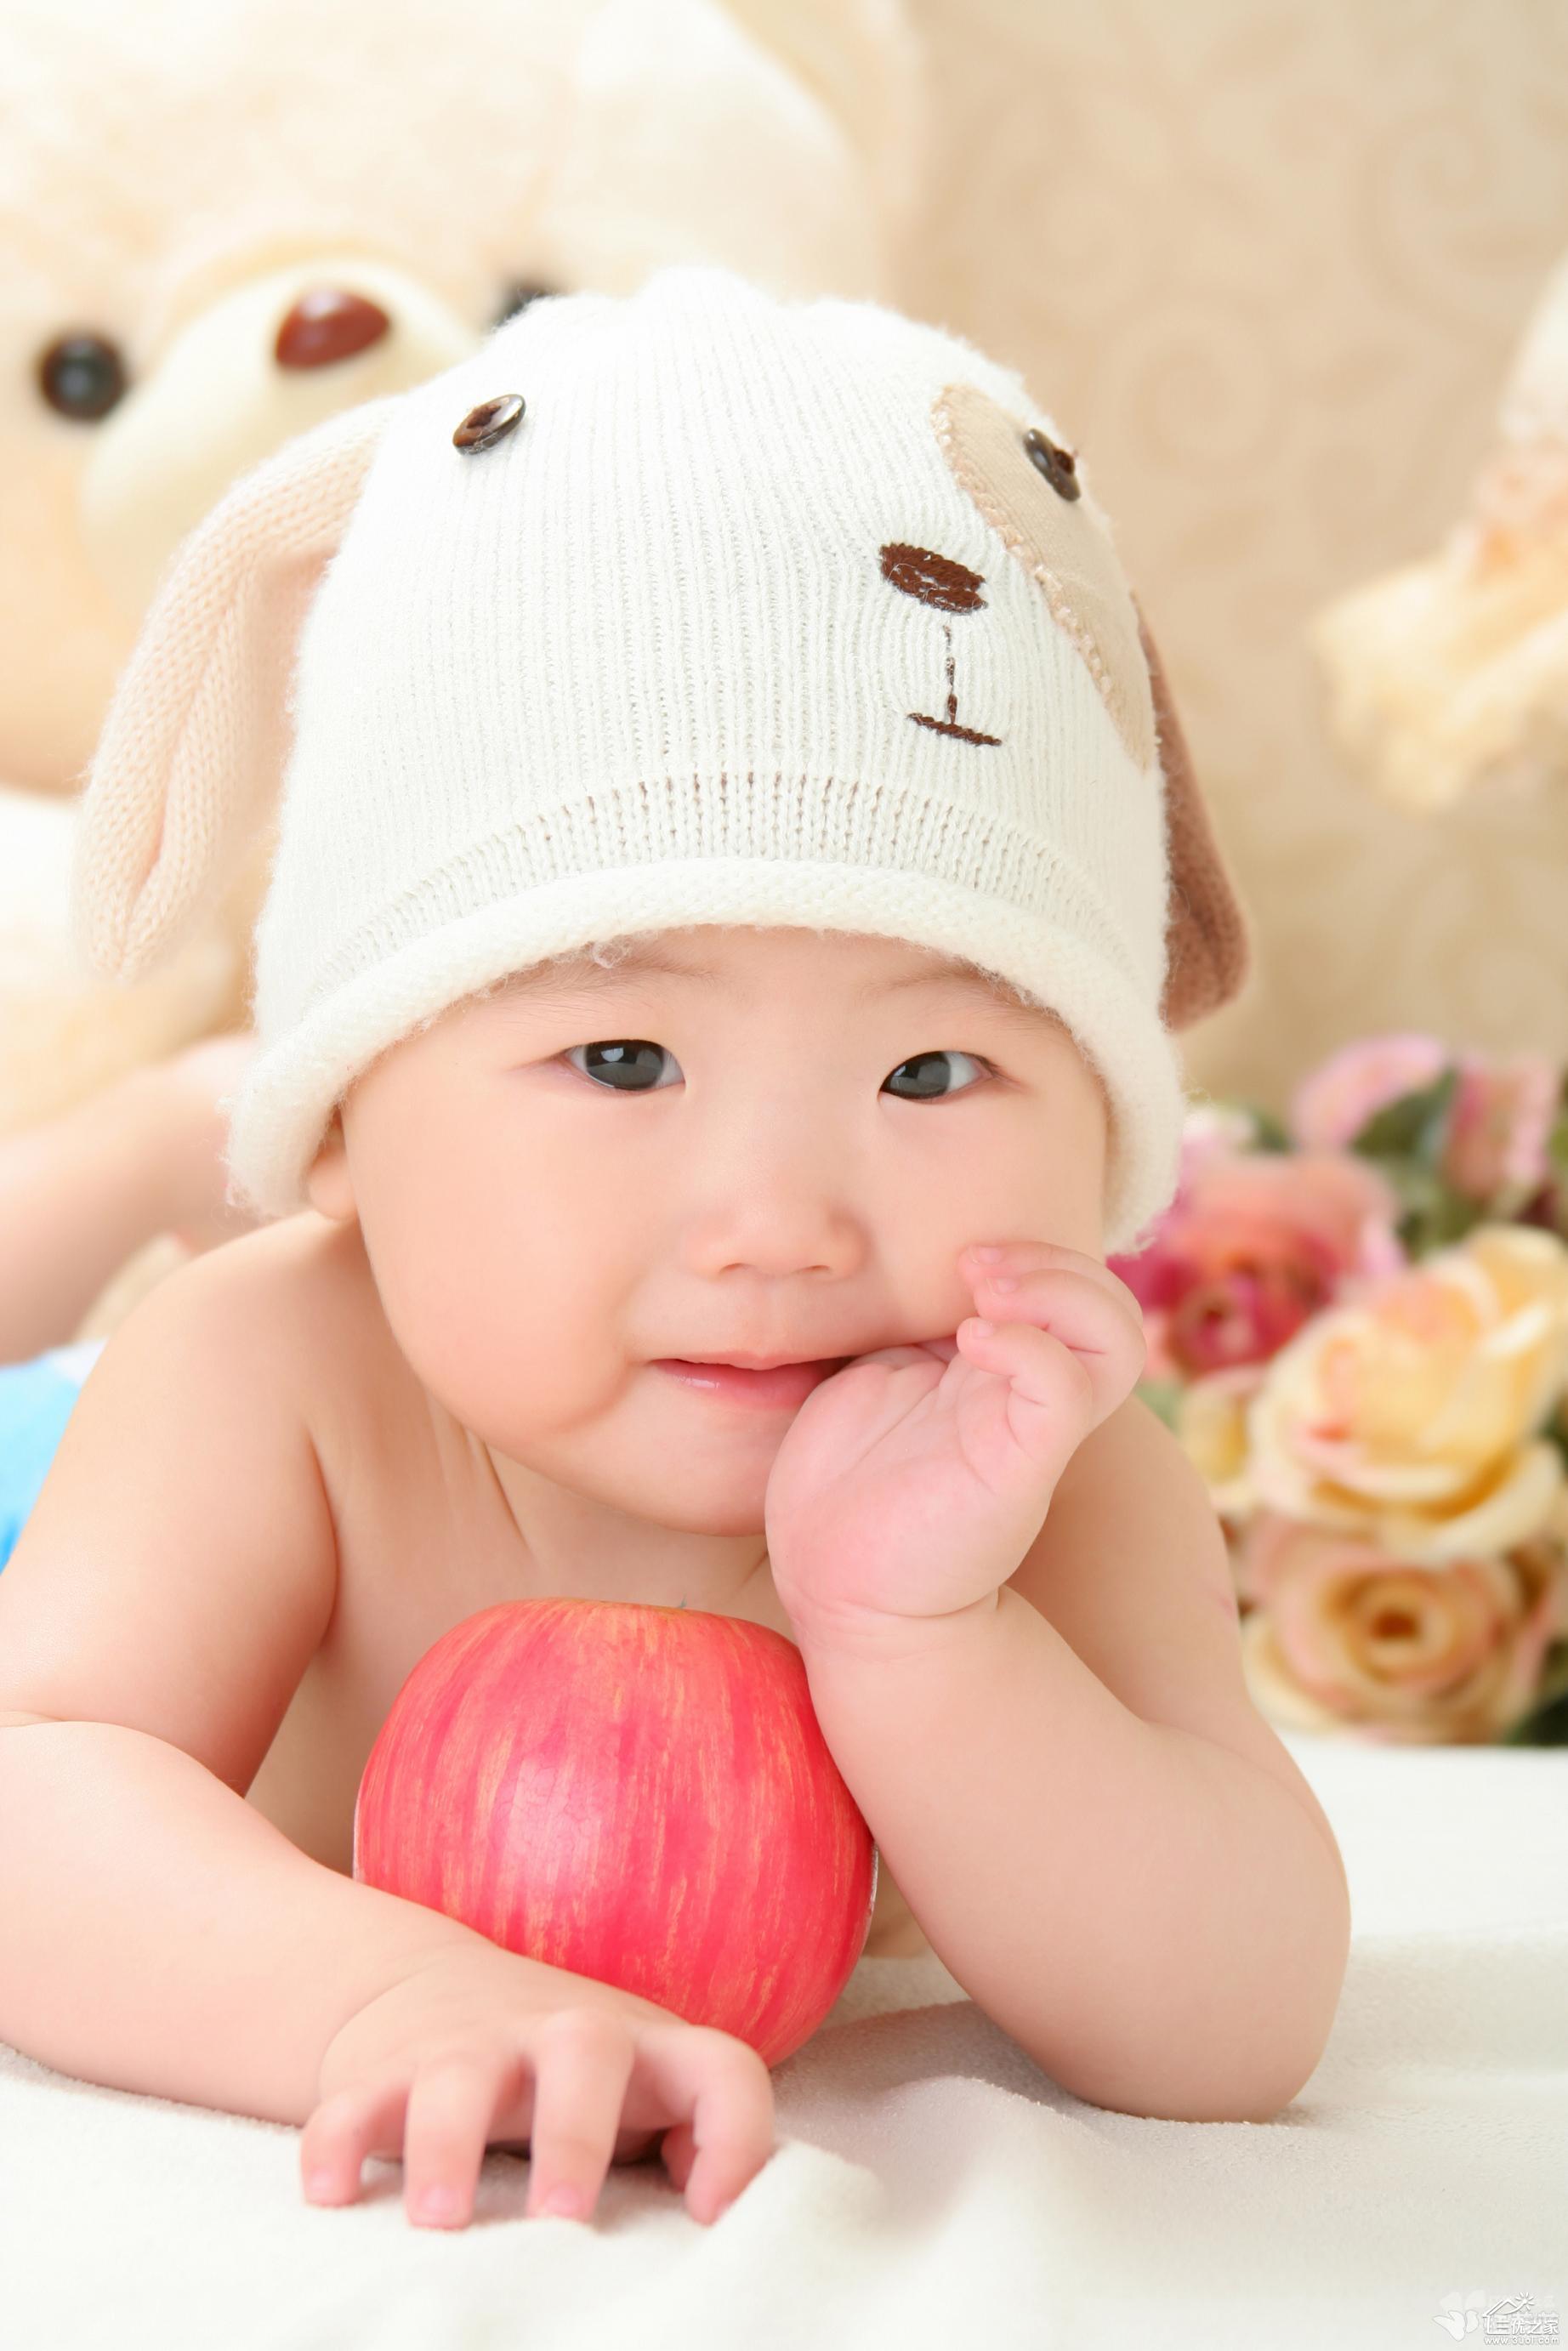 宝宝 壁纸 儿童 孩子 小孩 婴儿 1844_2765 竖版 竖屏 手机